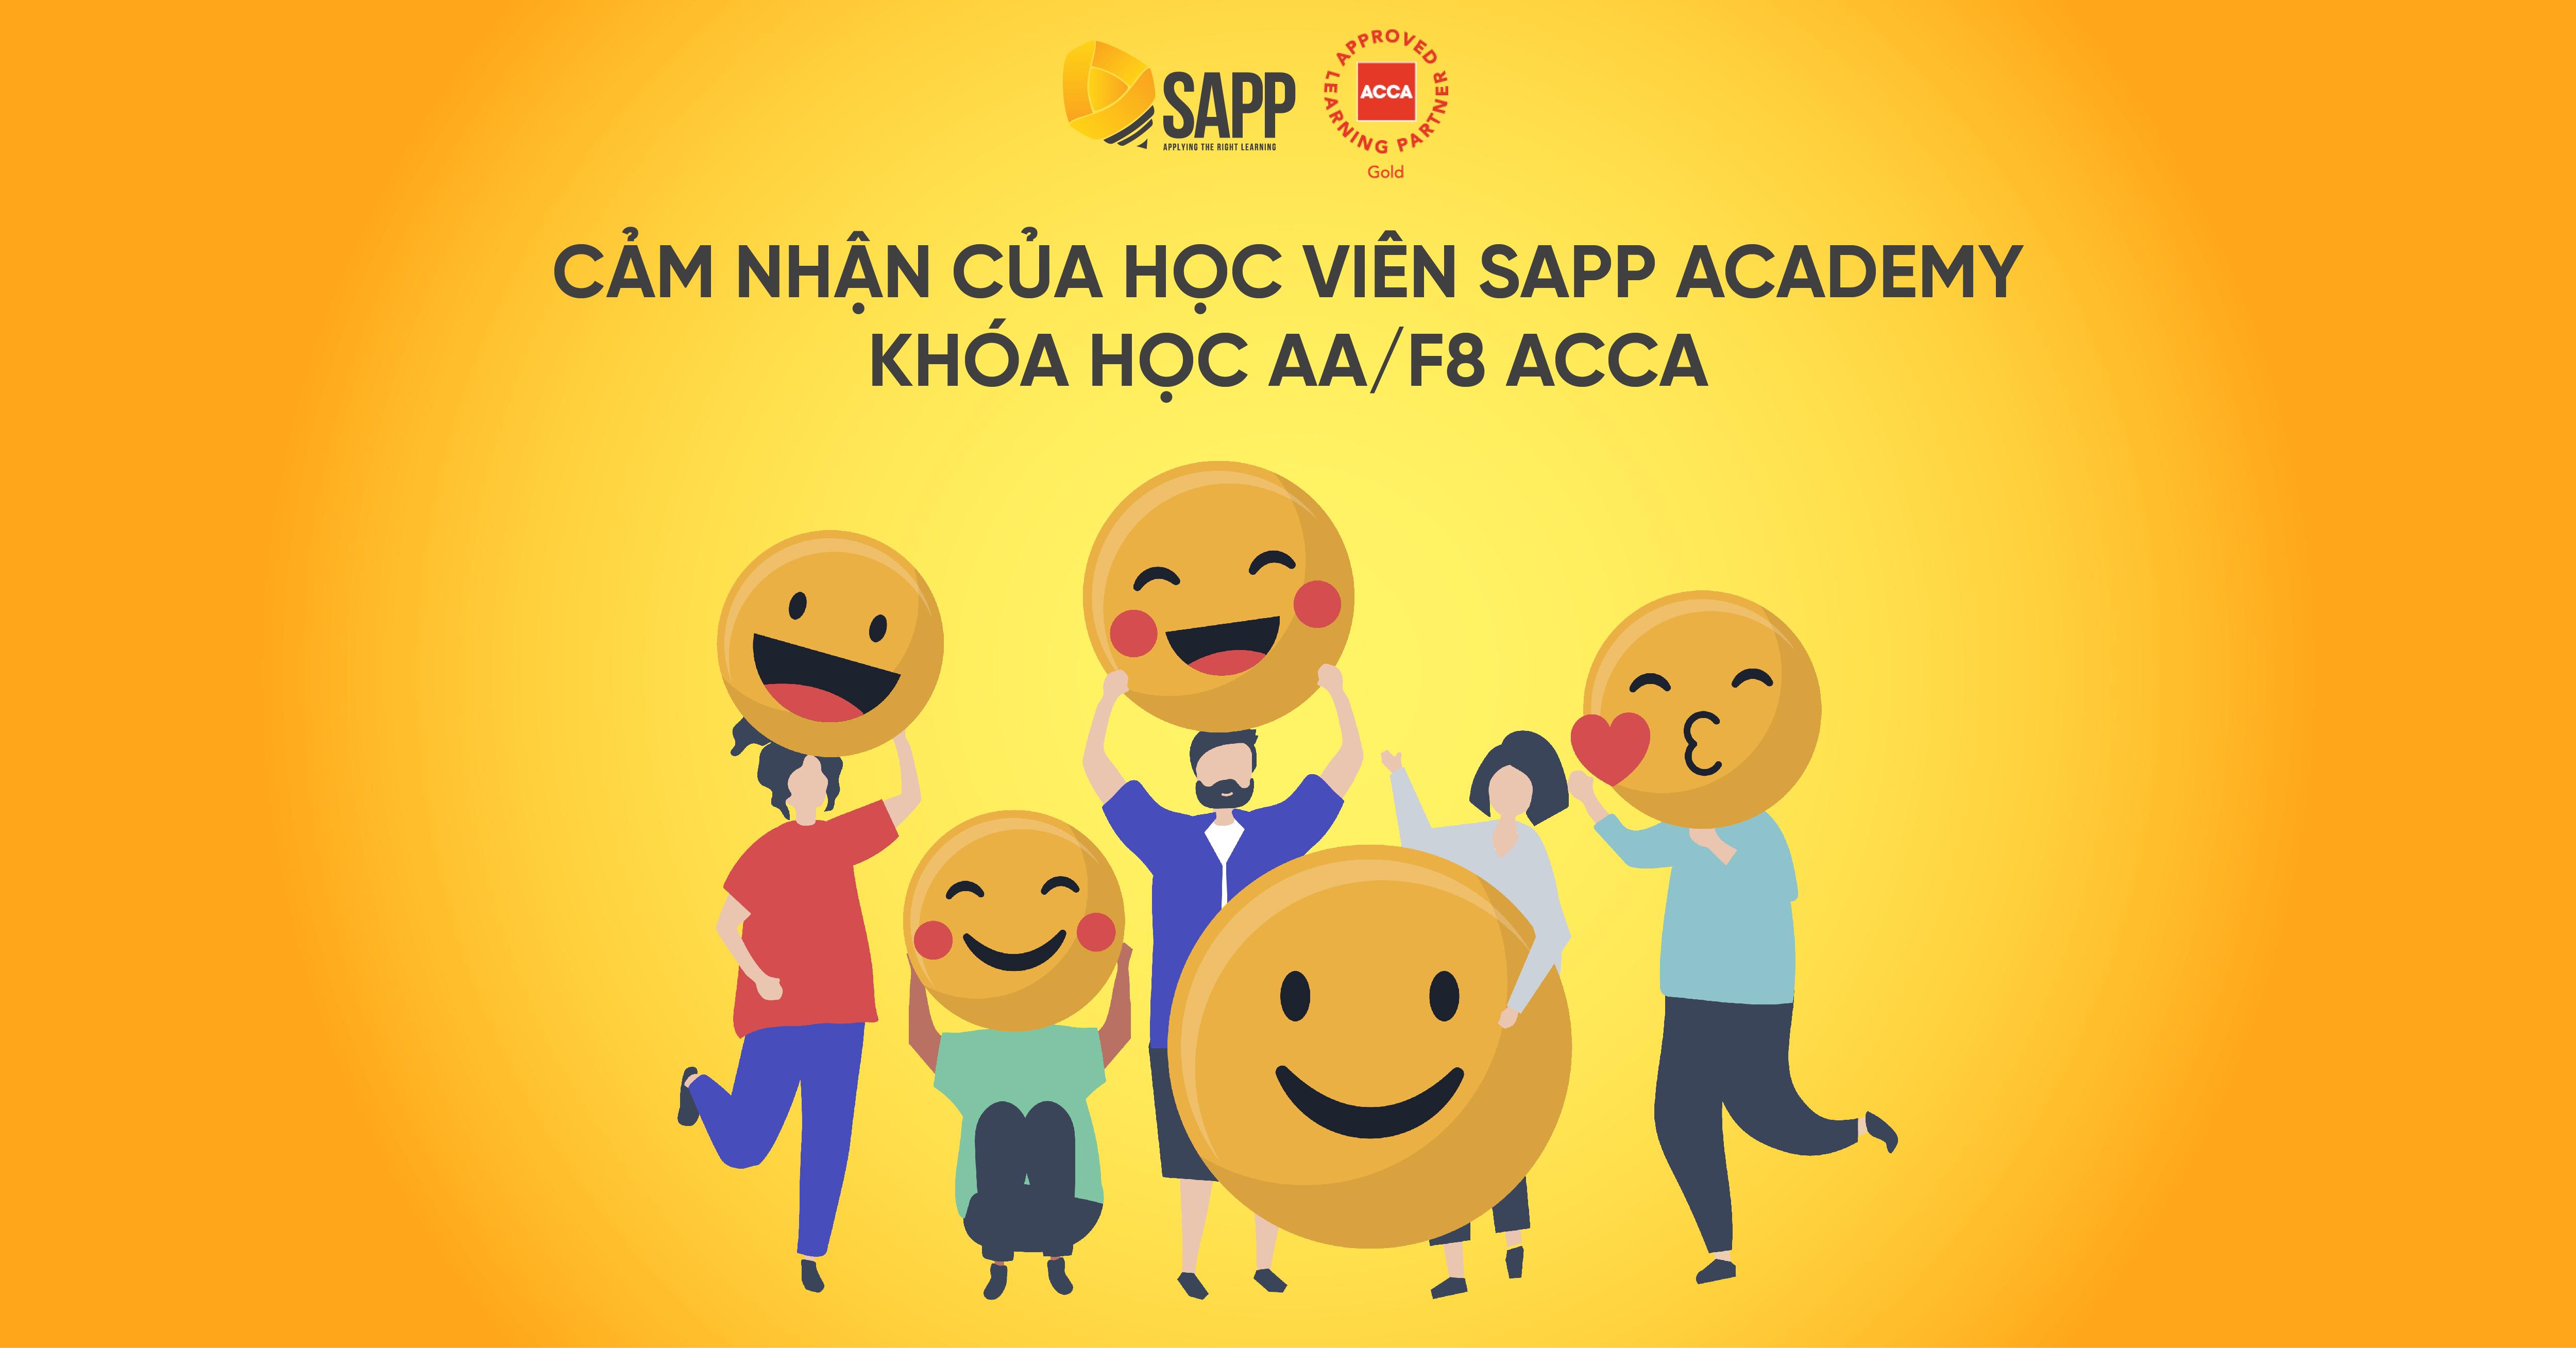 Khóa học AA F8 ACCA tại SAPP Academy